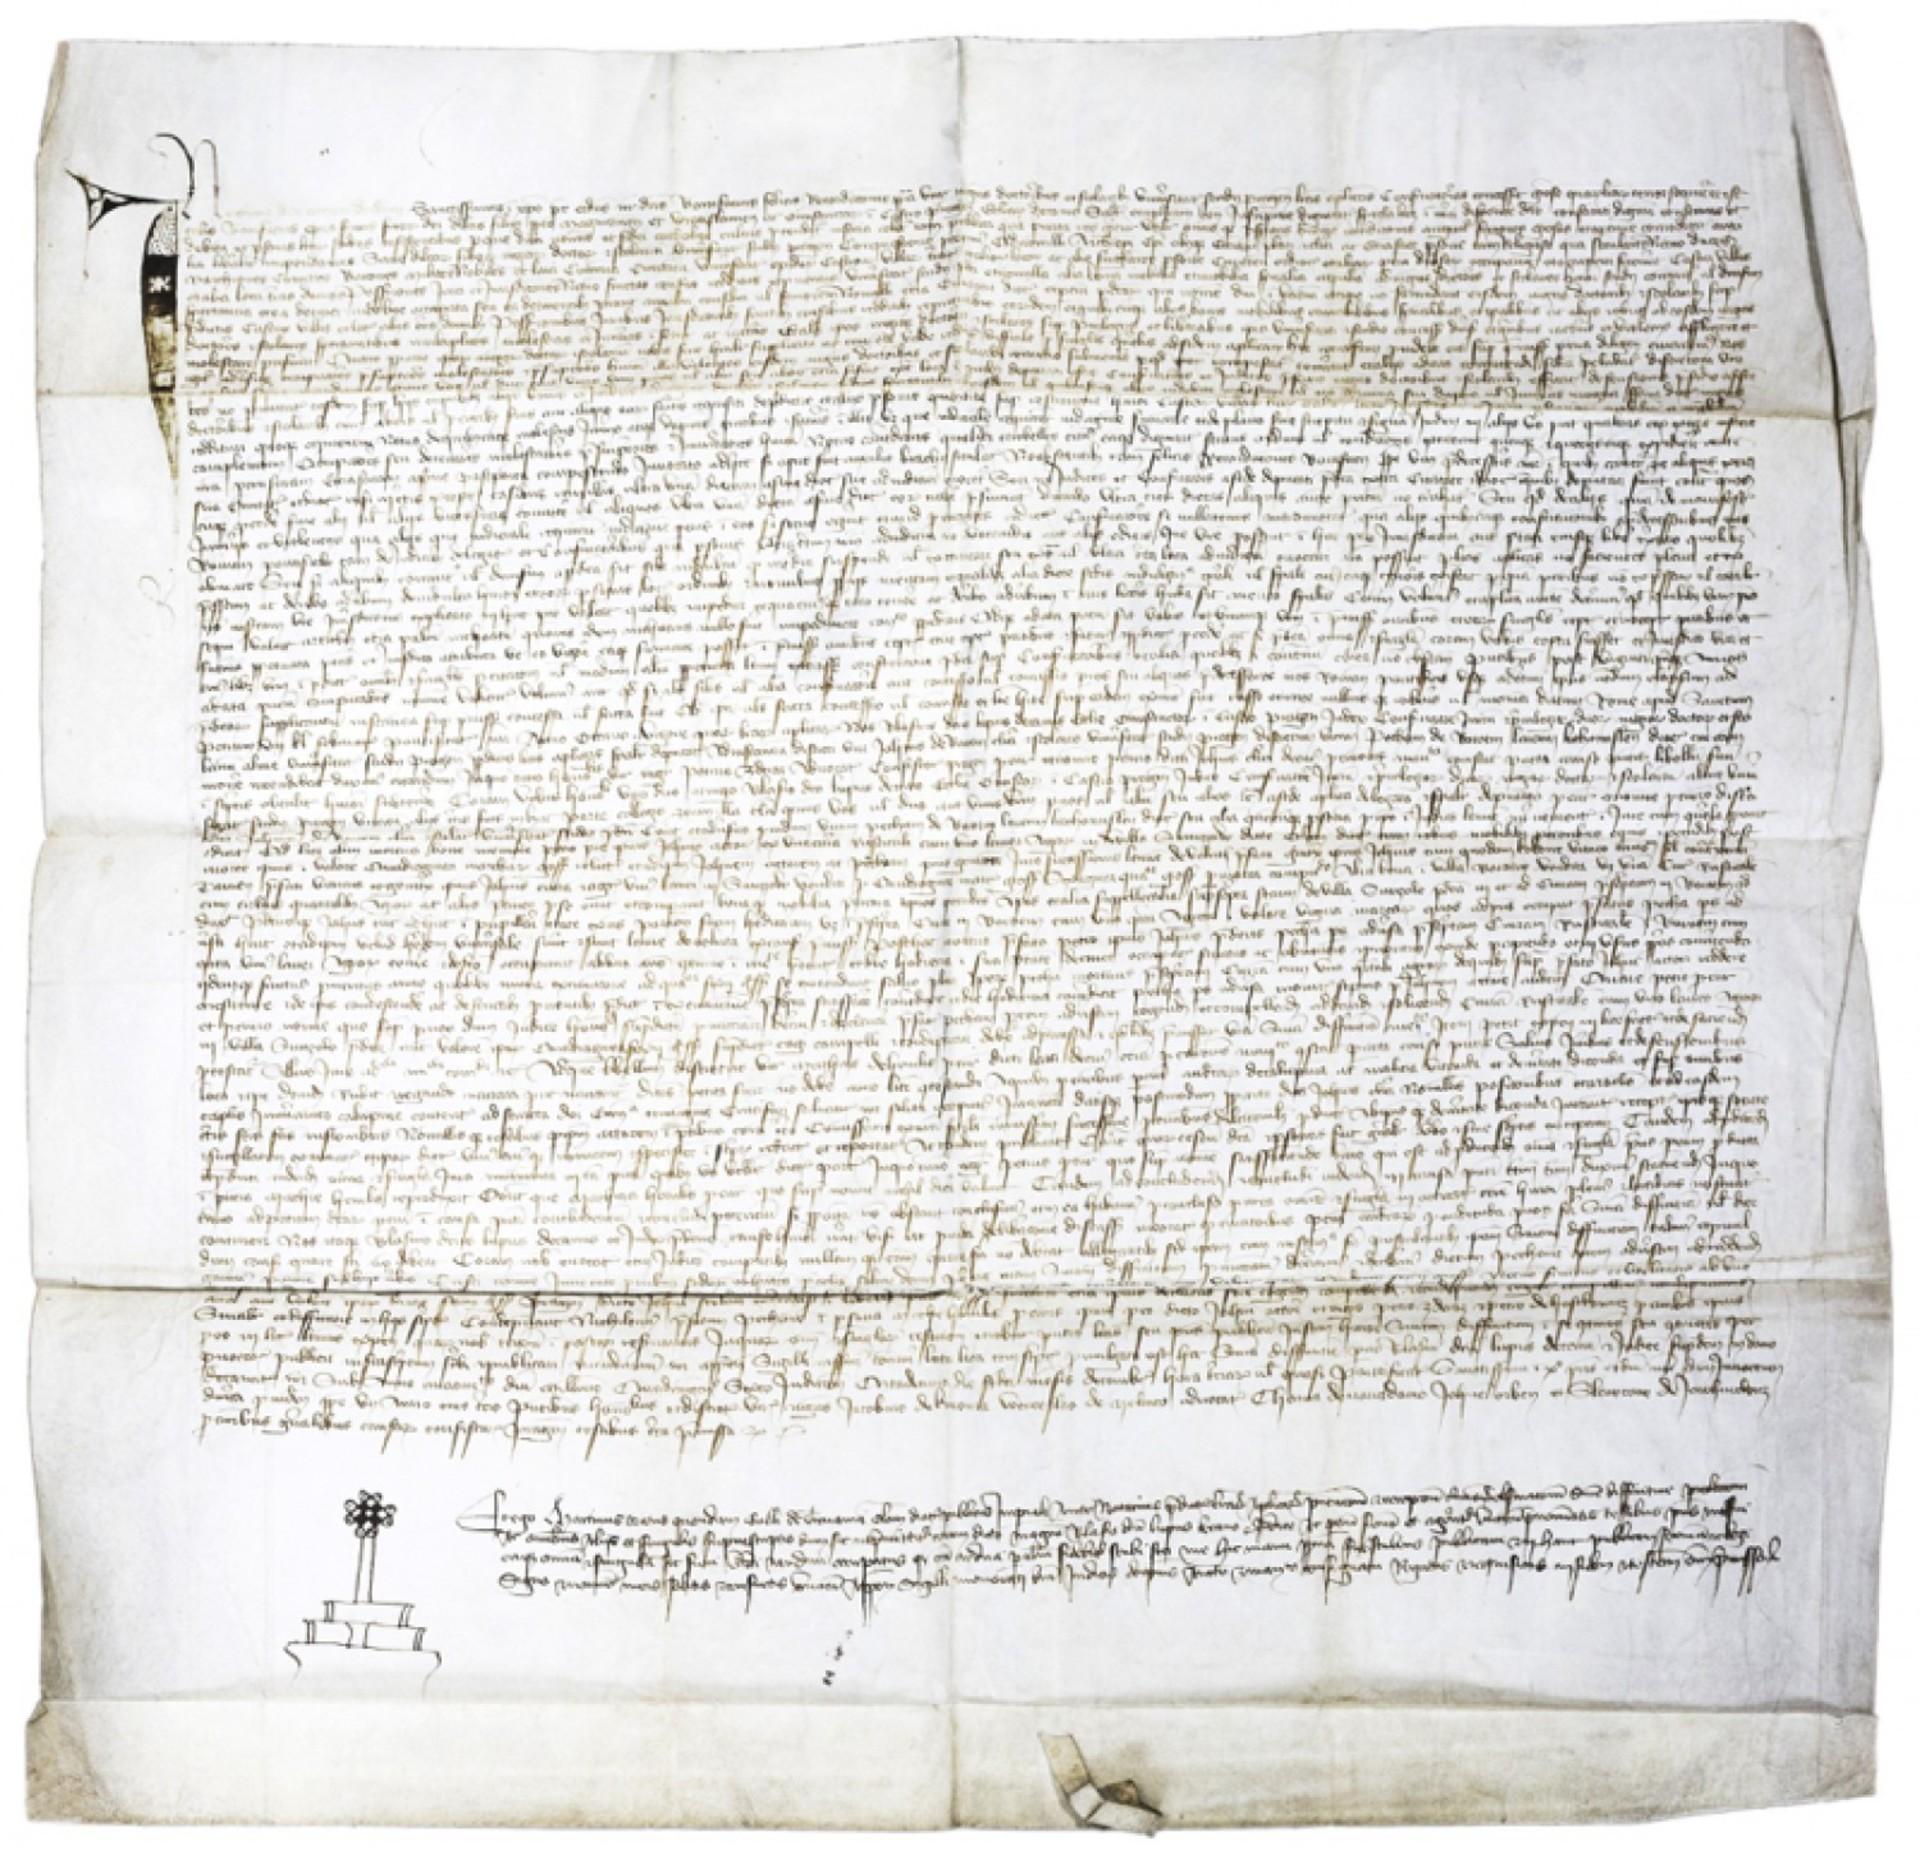 Notářský instrument Martina Havlova z Trnavy, ze dne 2. prosince 1406 , cena: 17 360 000 Kč, 1. Art  Consulting 9. 6. 2019